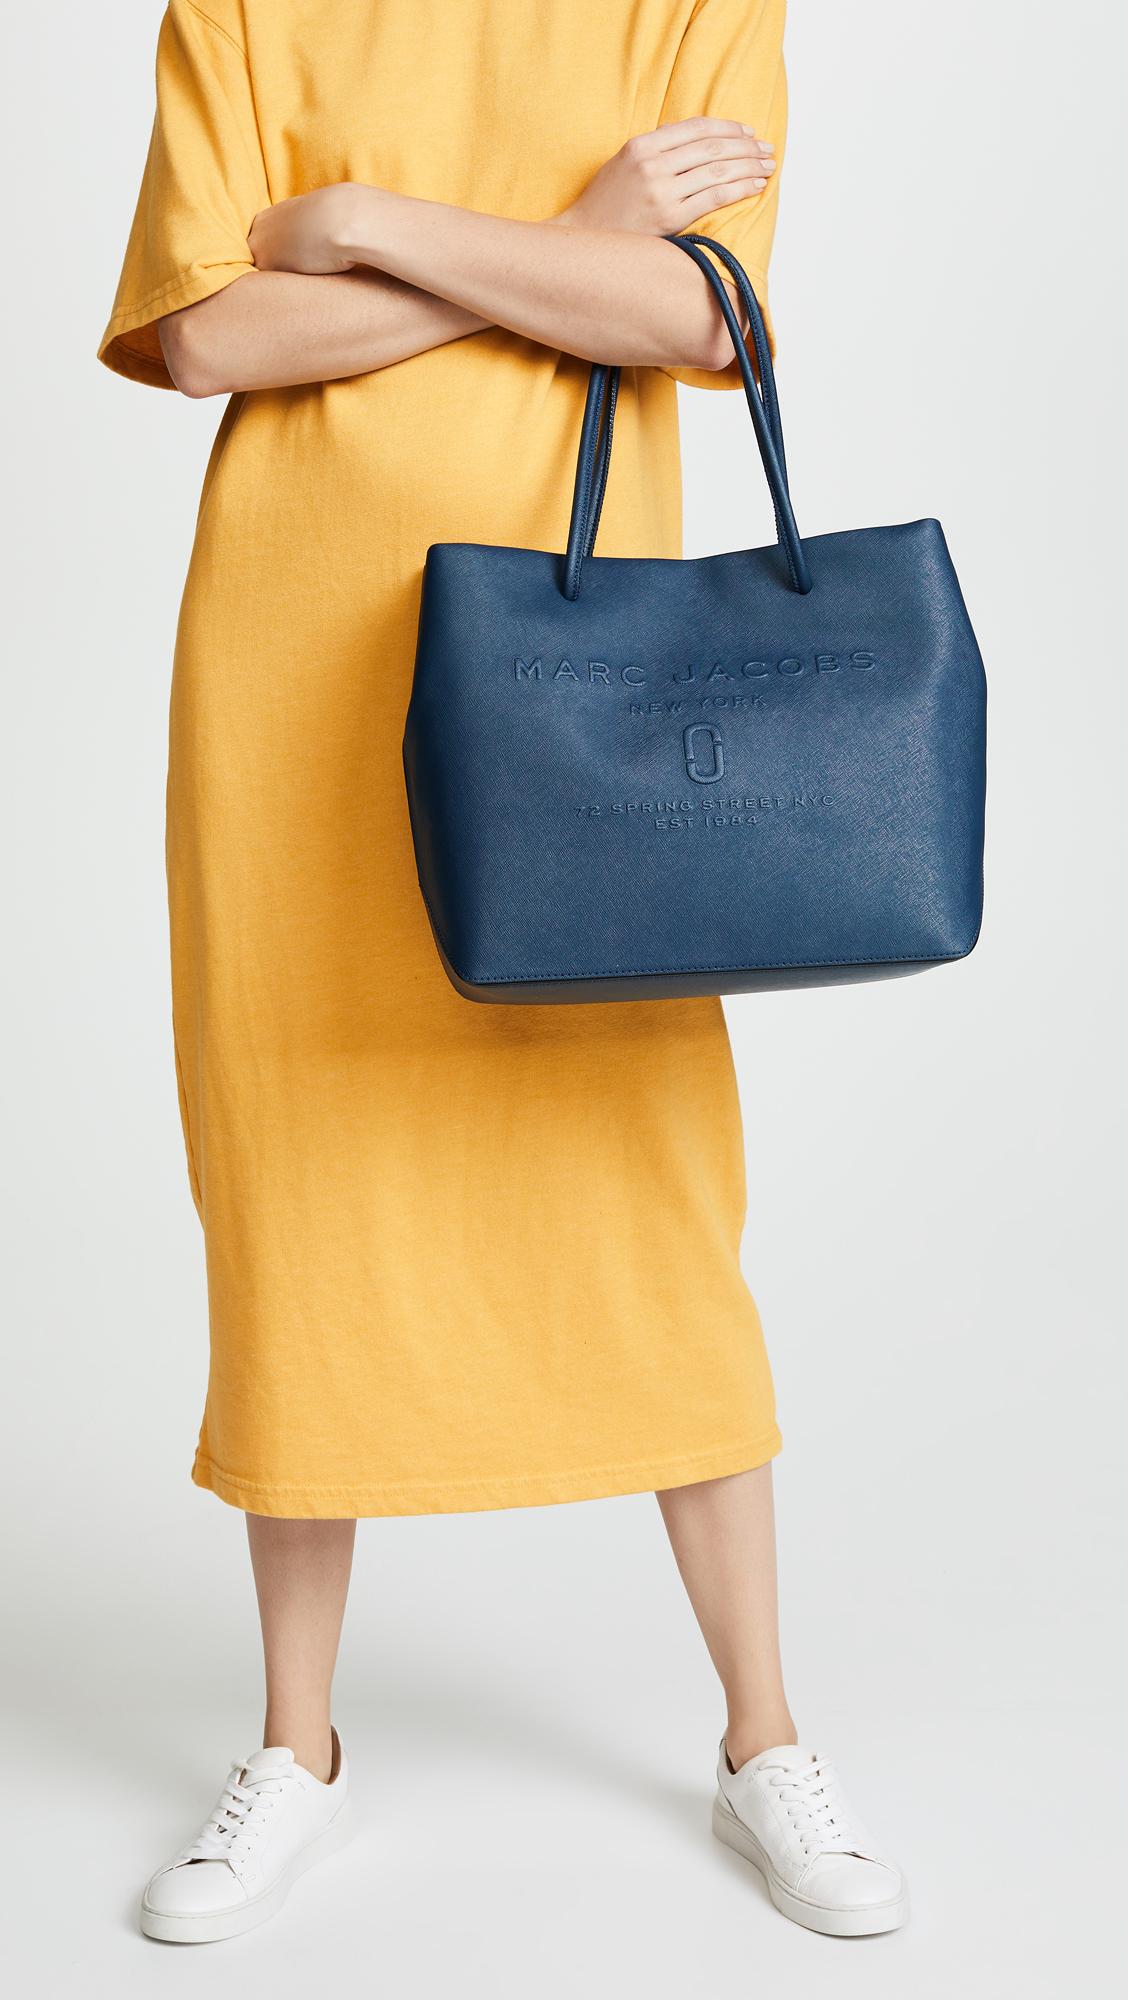 a096dcd1ec5f Marc Jacobs Logo Shopper Tote Bag